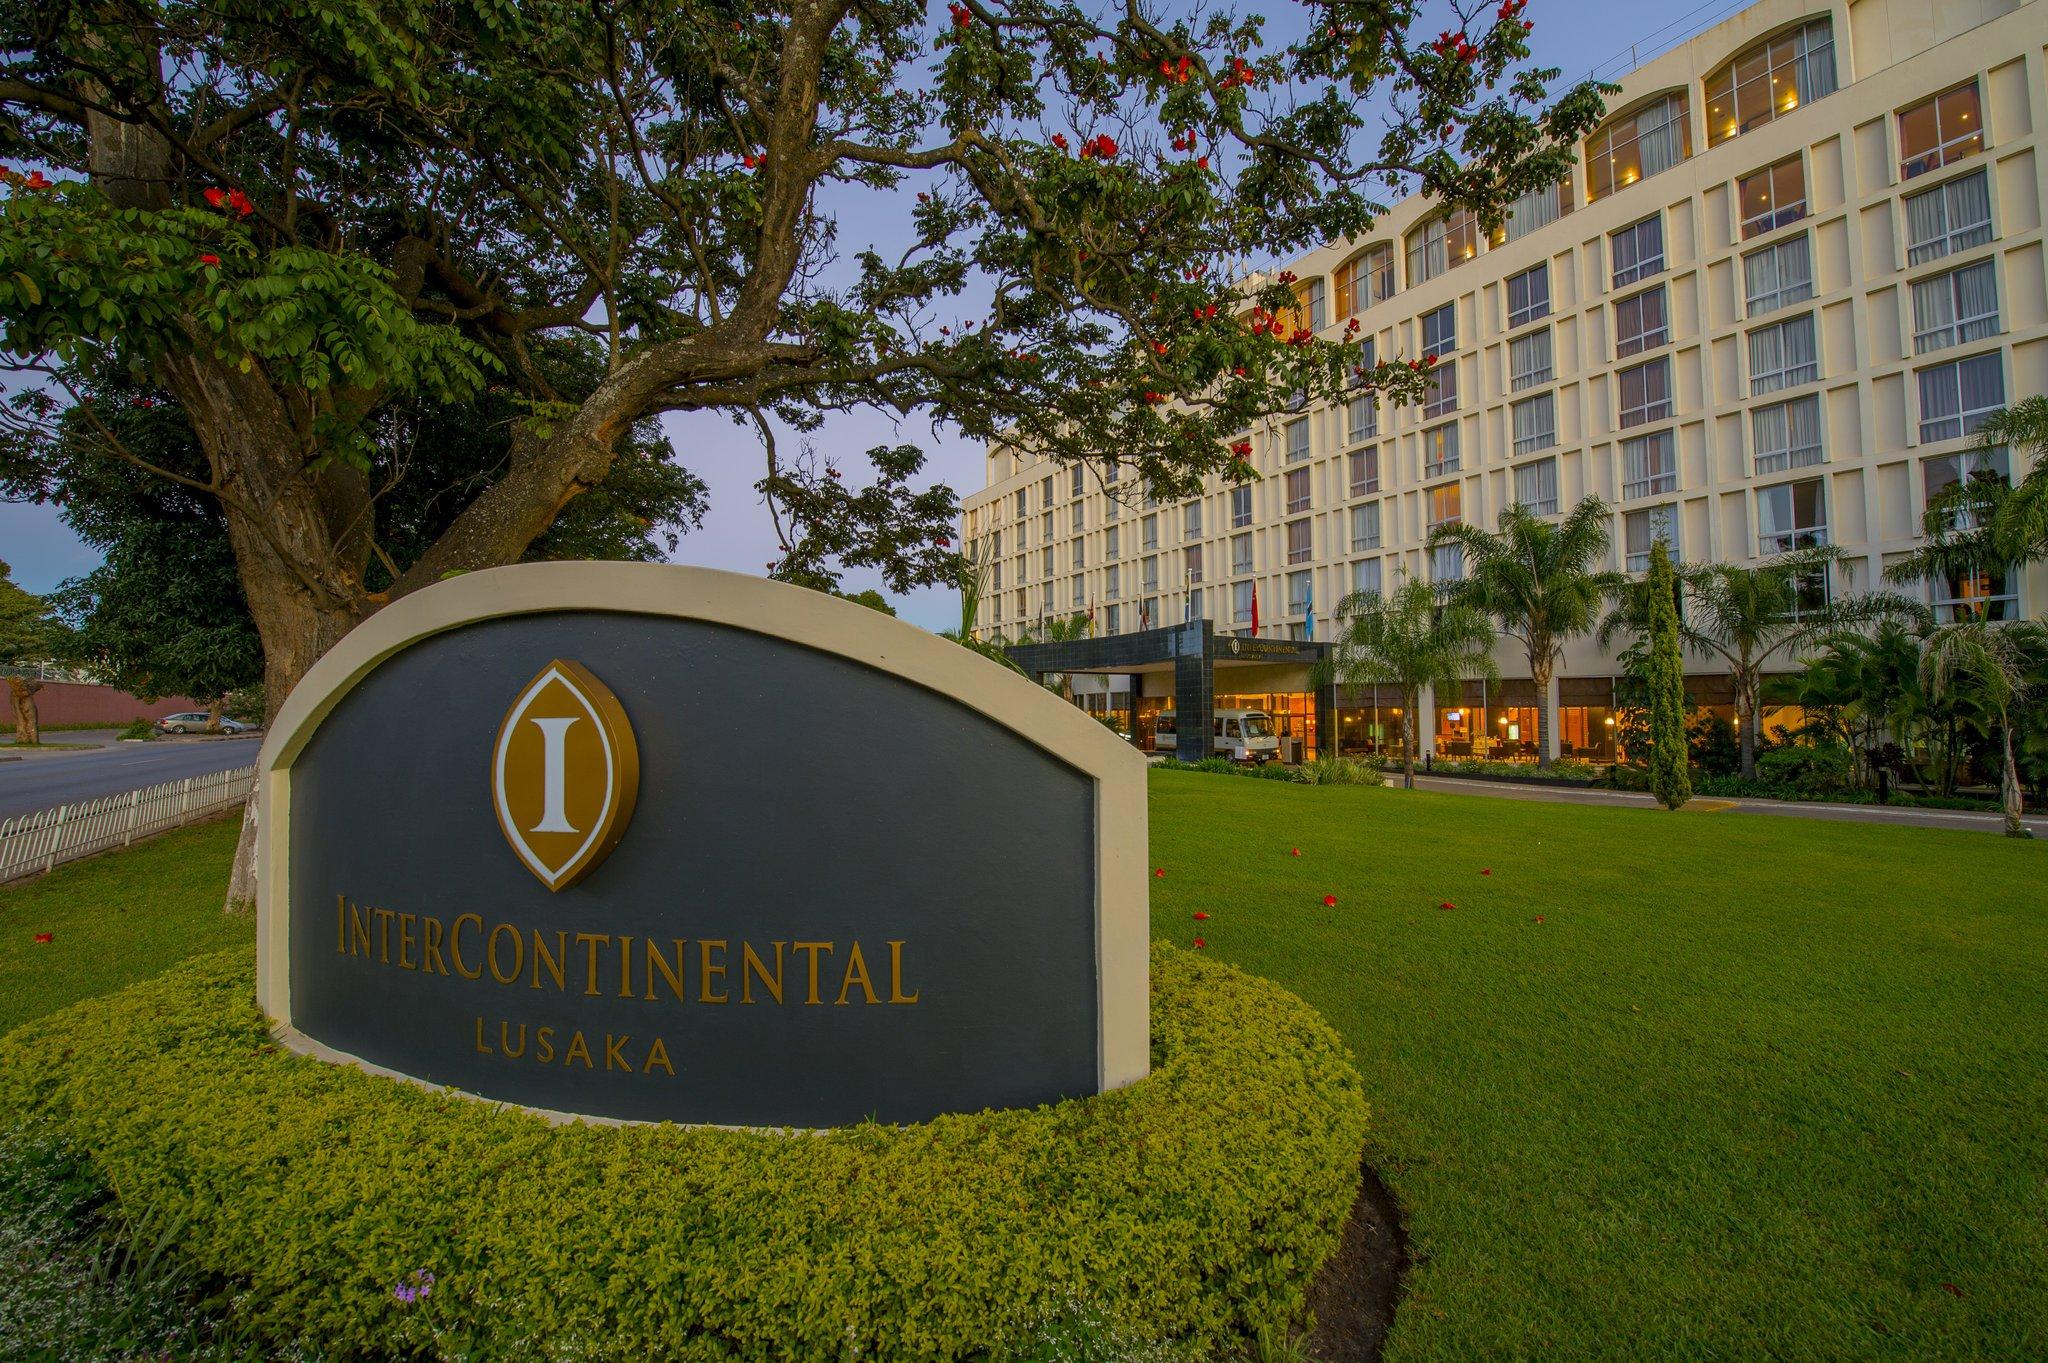 โรงแรมอินเตอร์คอนติเนนตัล ลูซากา